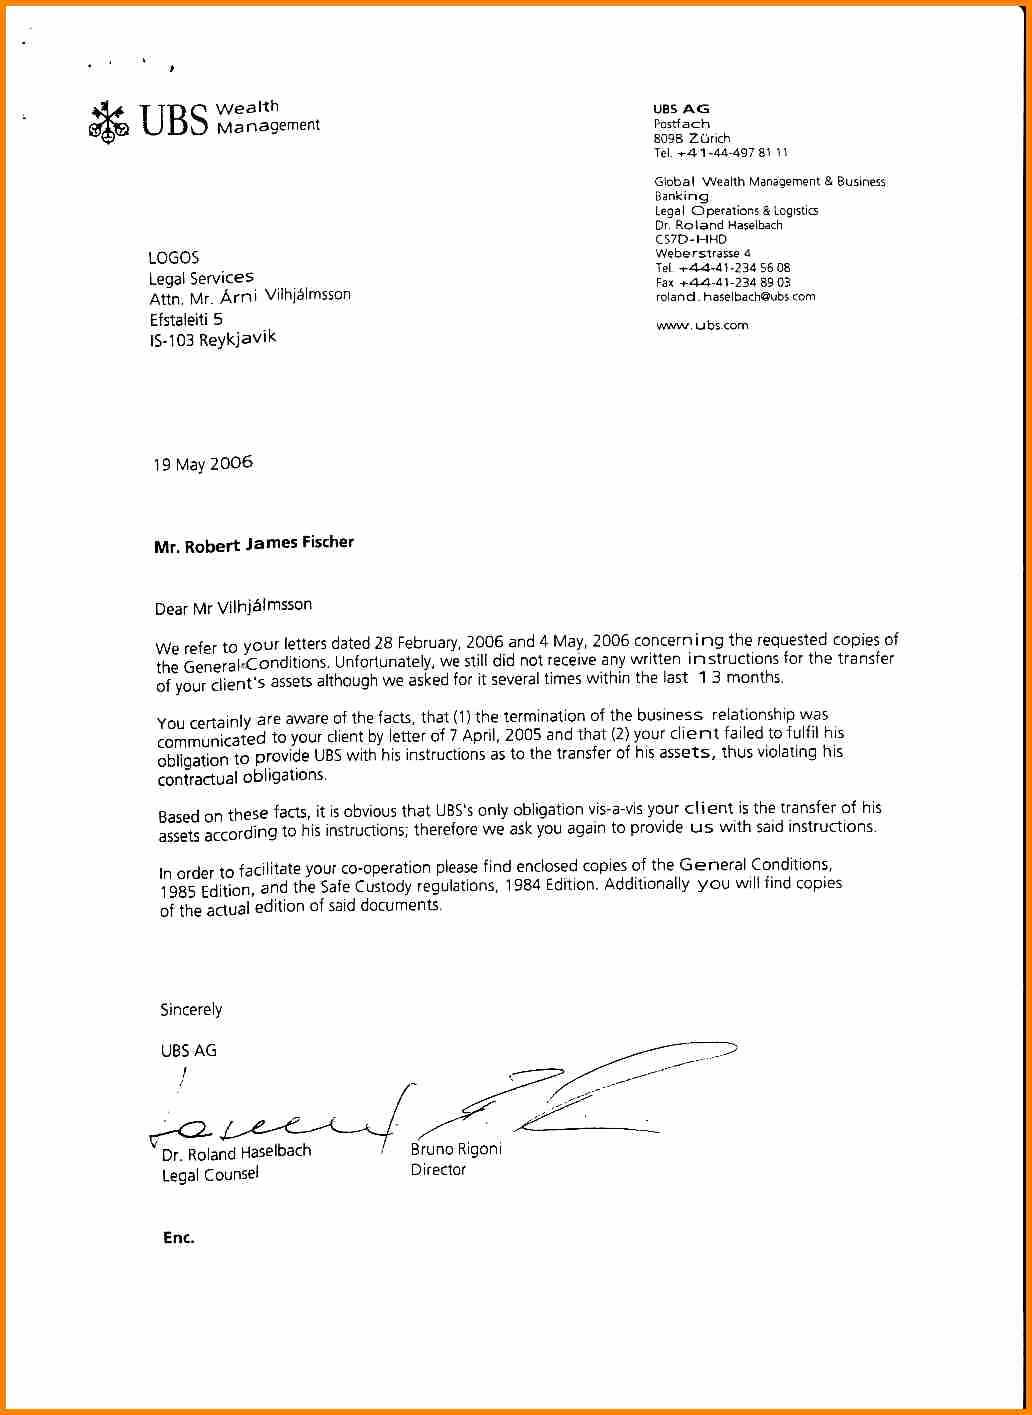 Formal Letter format Sample Lovely 6 English formal Letter format Sample